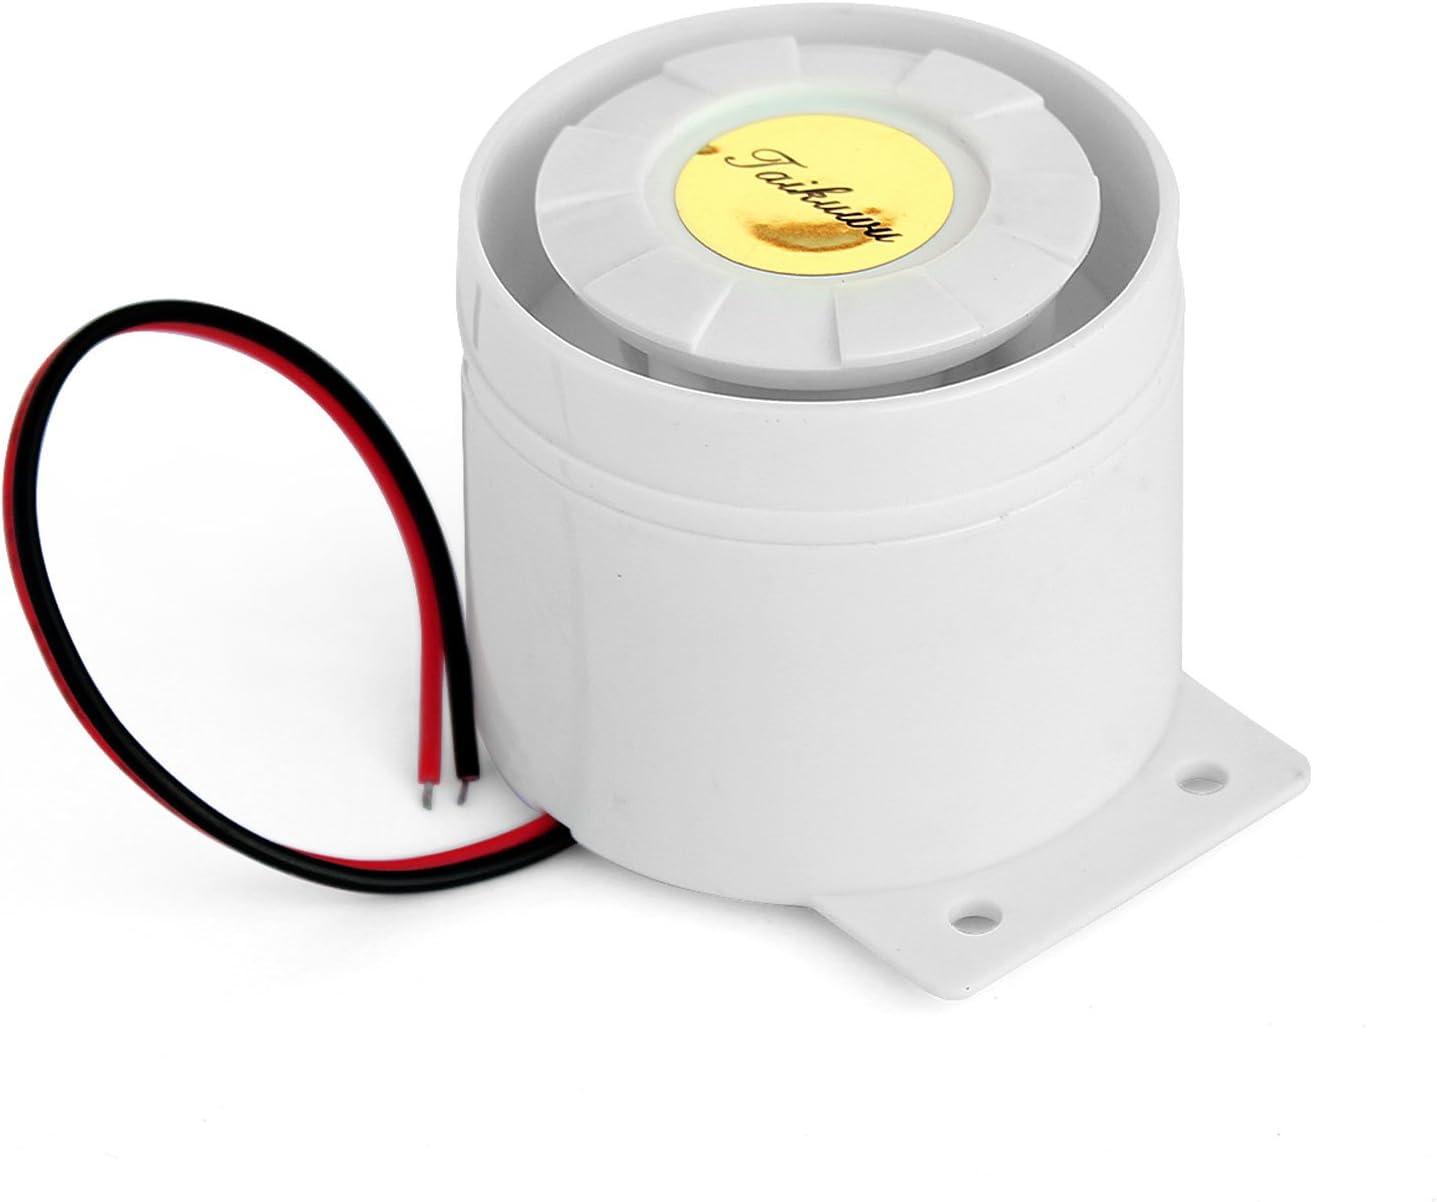 Taikuwu Mini sirena con cable para la oficina en casa, tienda de garaje, sistema de alarma de seguridad, kit GSM sistema de seguridad de alarma, cuerno sirena 120 dB 12 V (blanco)